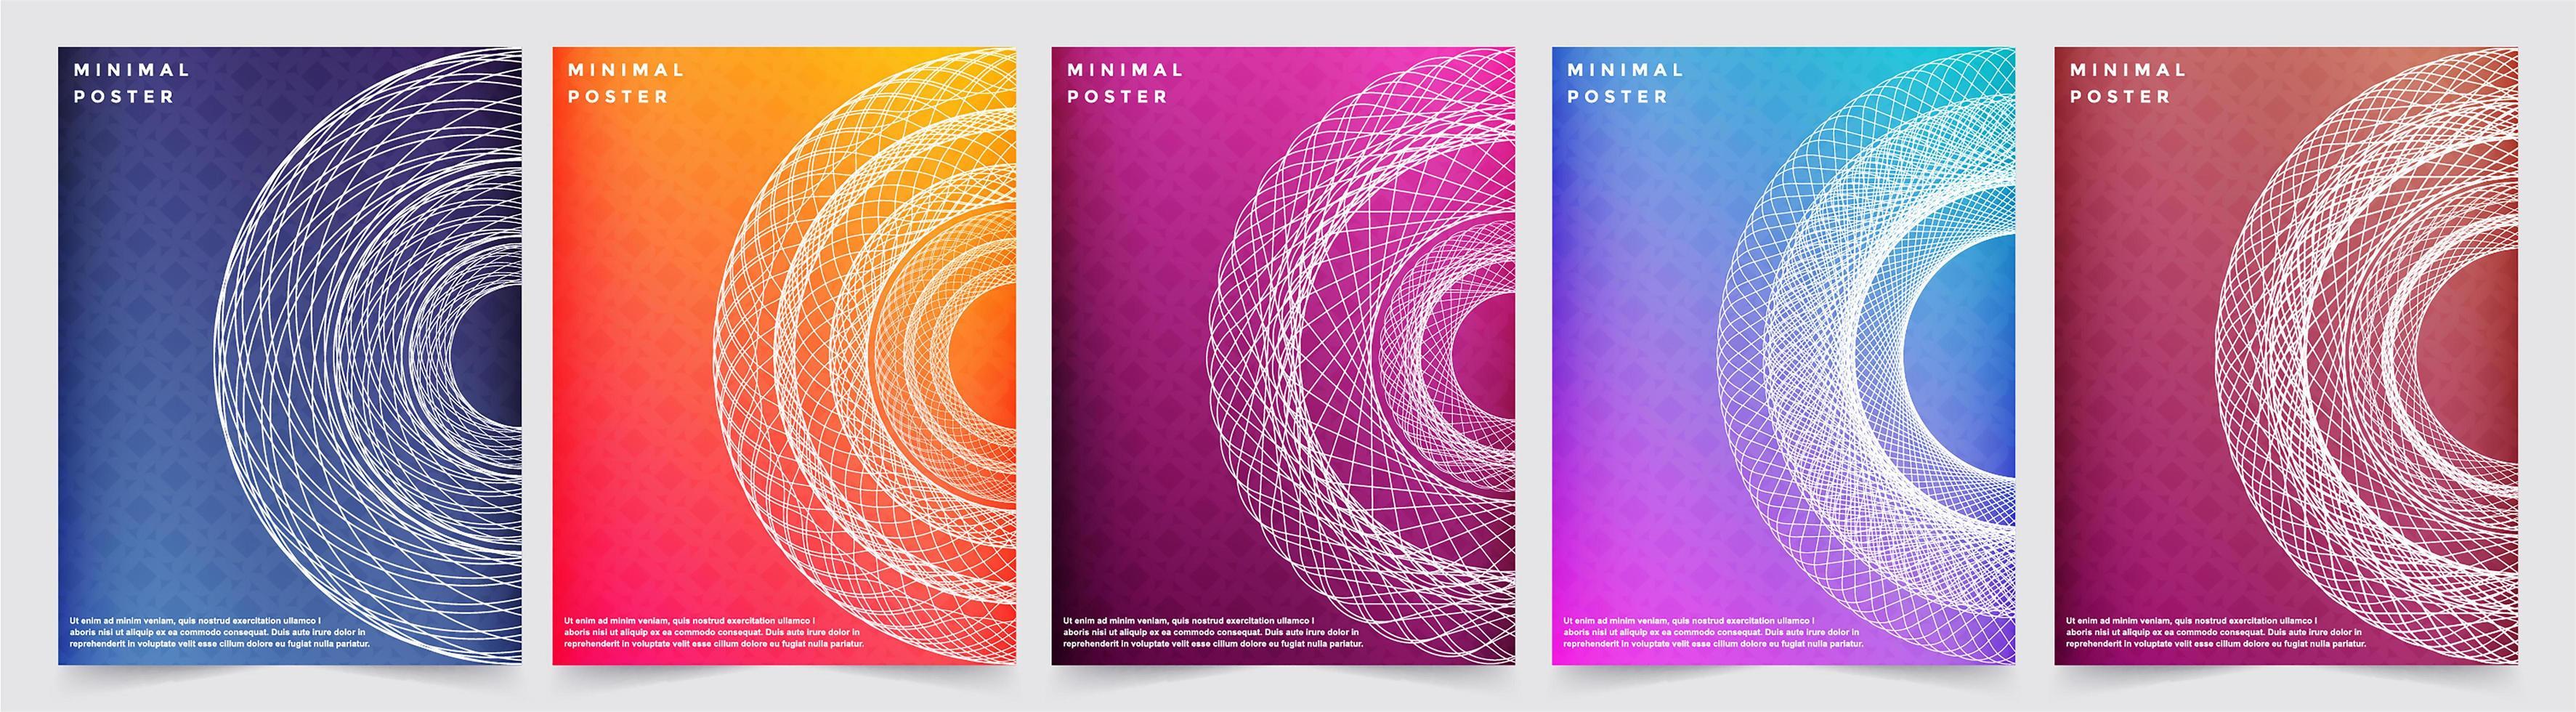 disegni del modello astratto colorato minimal copre vettore